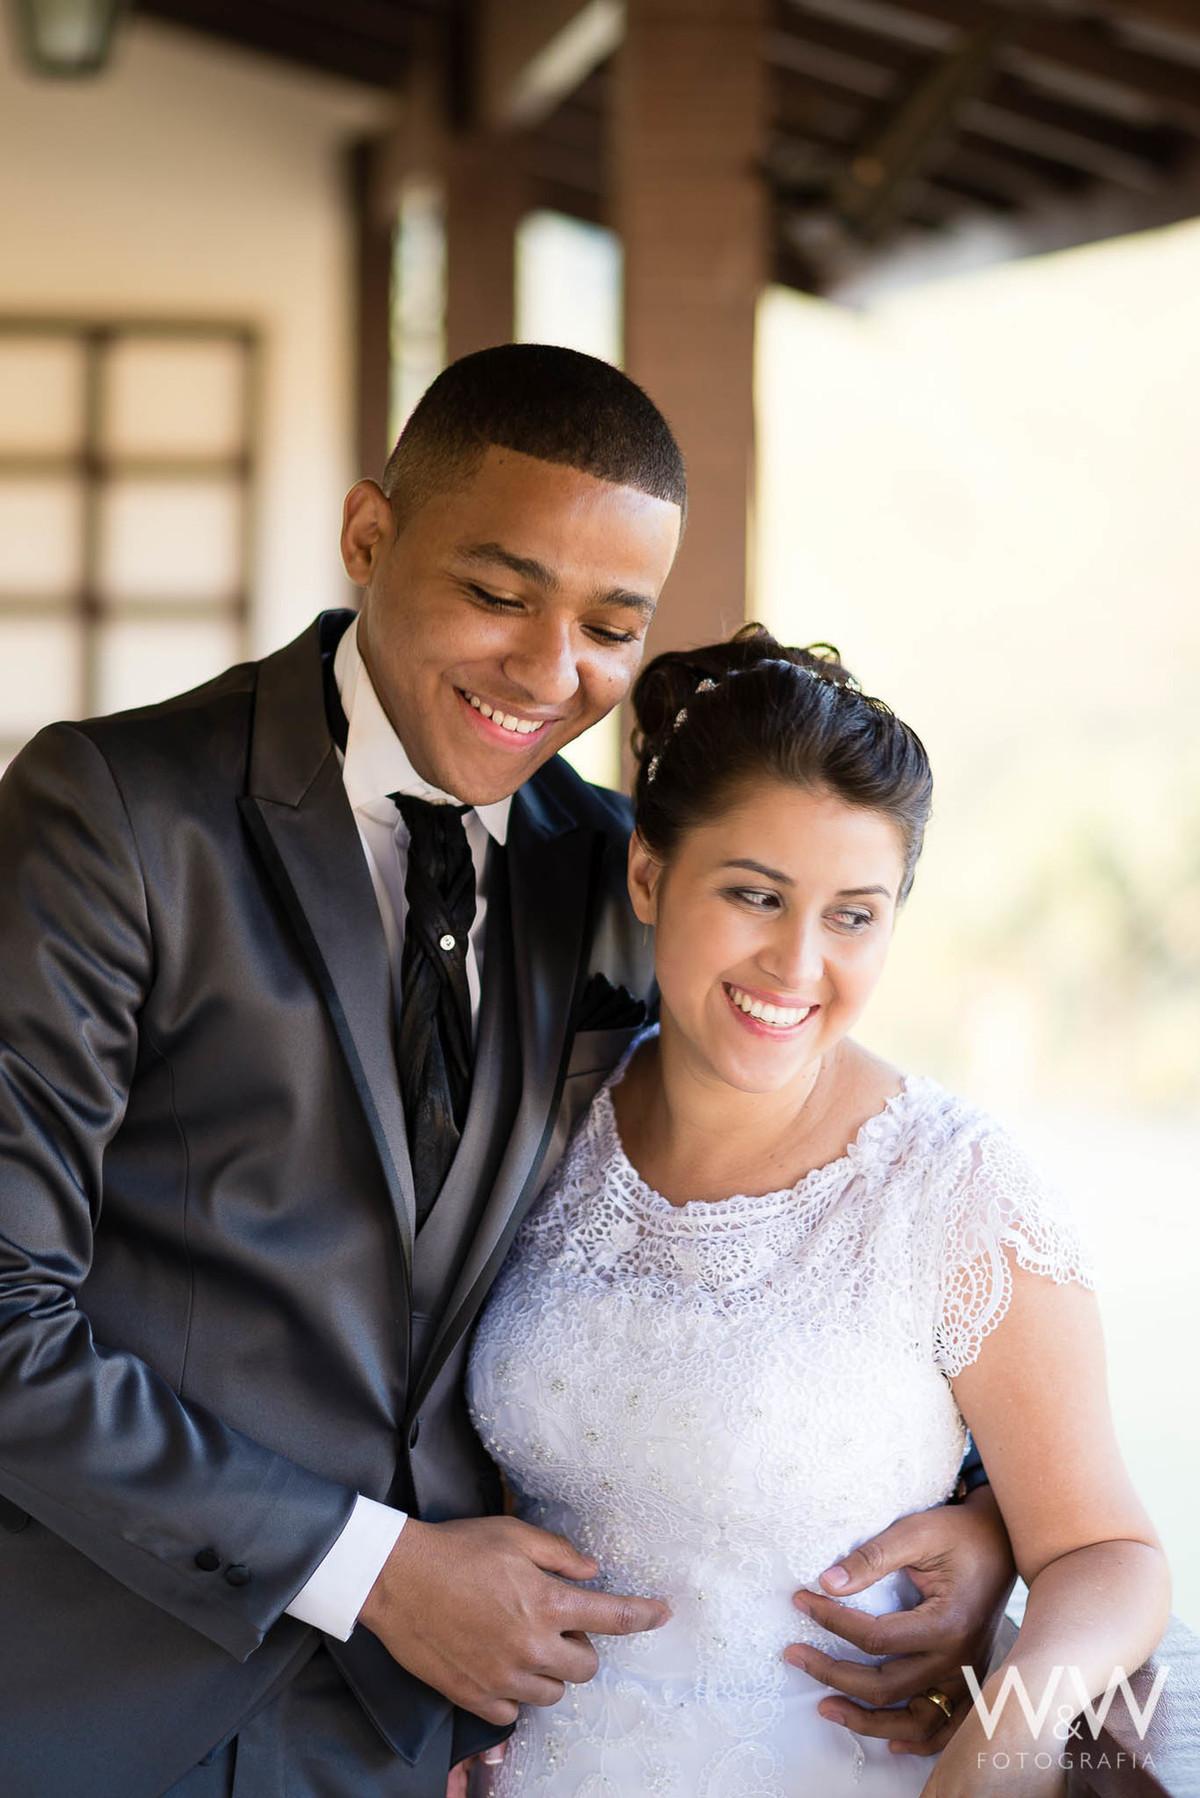 casamento  mairiporã são paulo casal wew fotografia